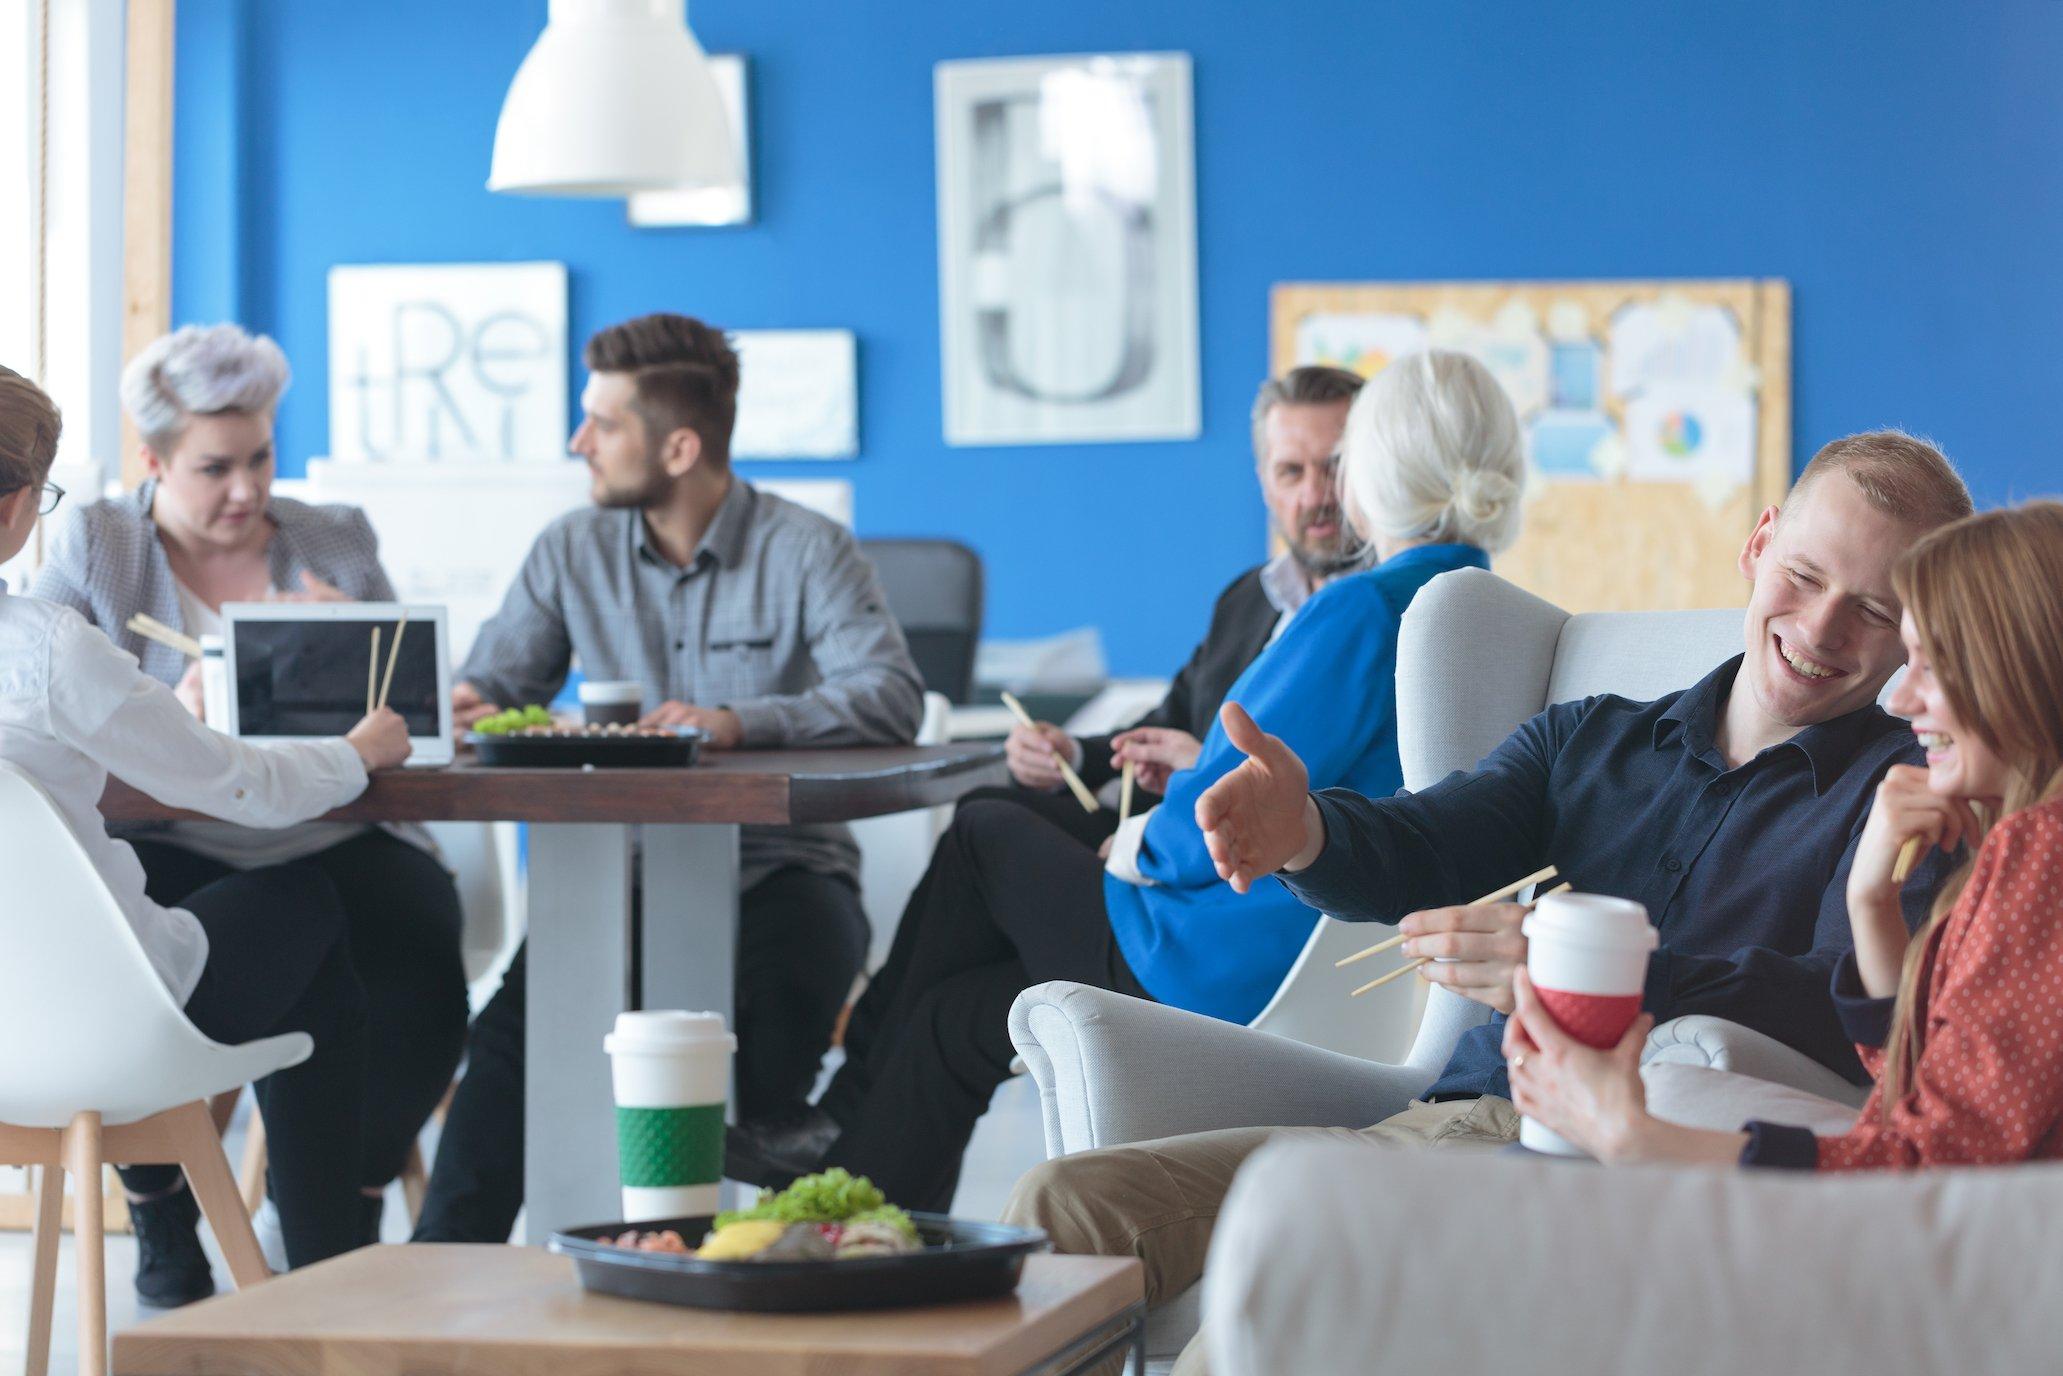 Yrityksen perustaminen: henkilökunnan viihtyvyys